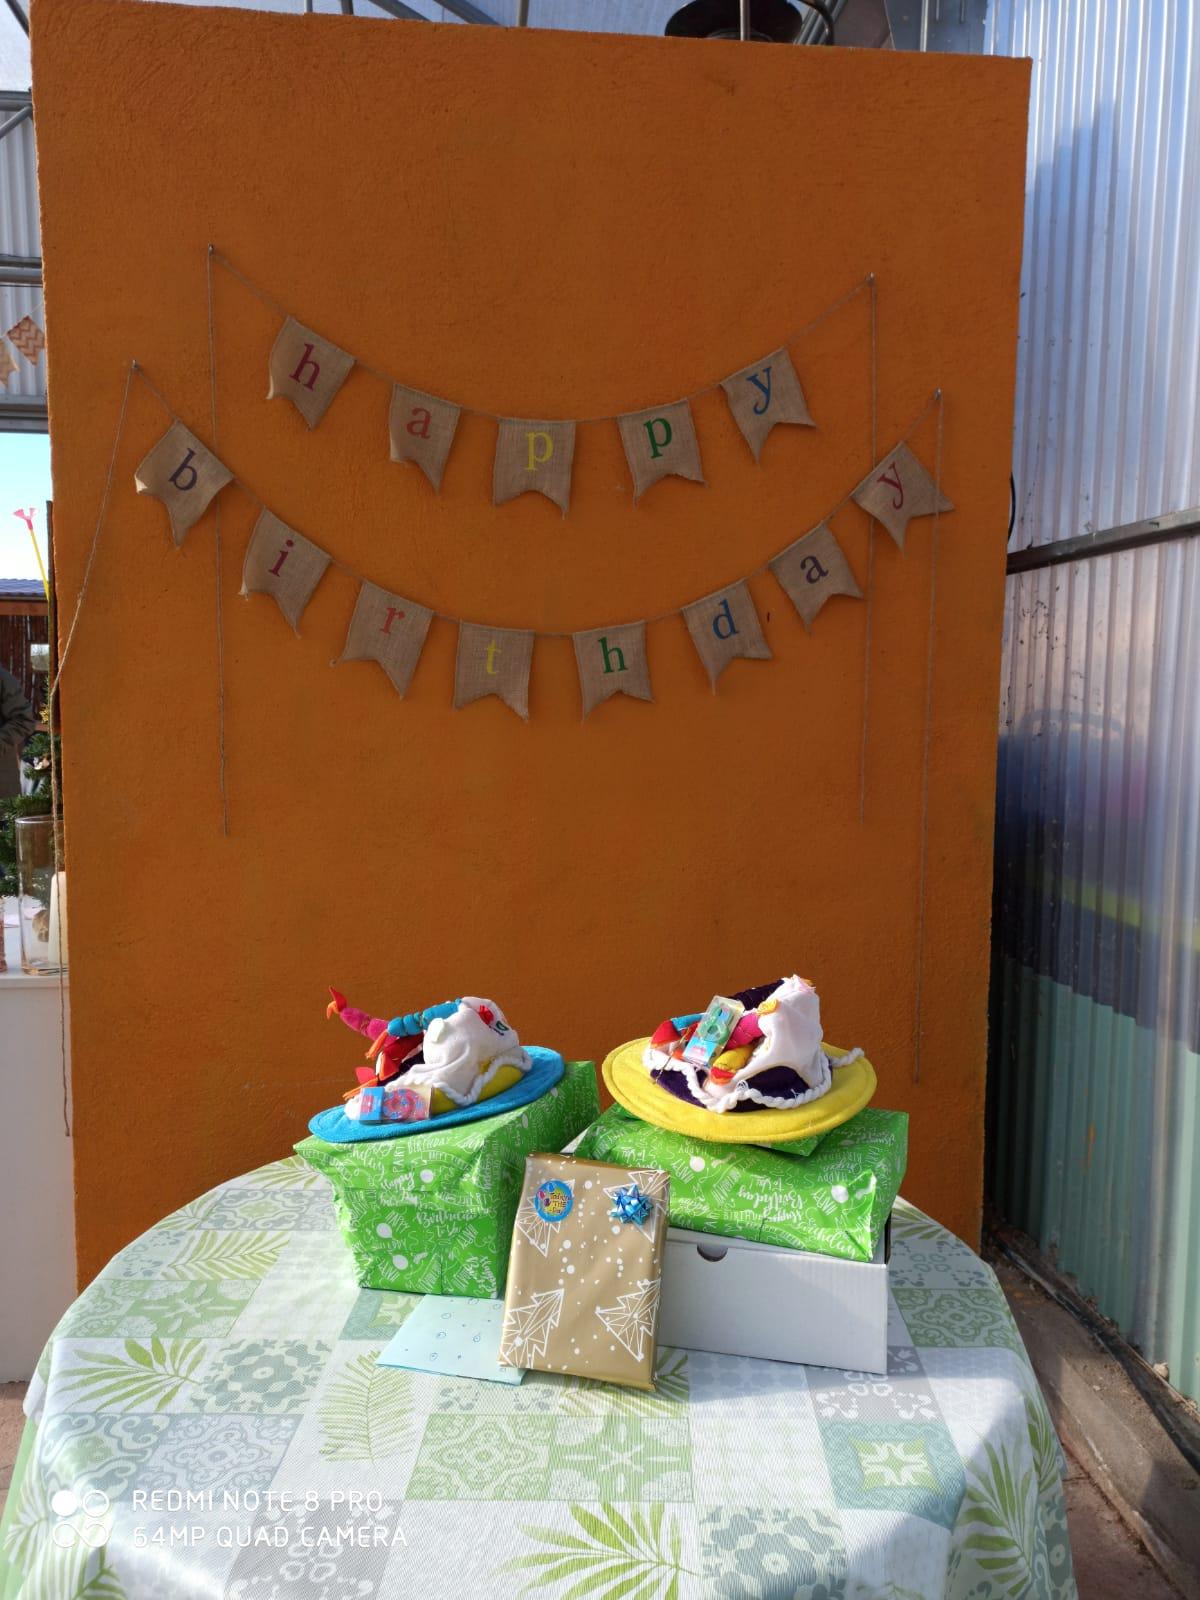 3.regalo - Cumpleaños San Agustín del Guadalix